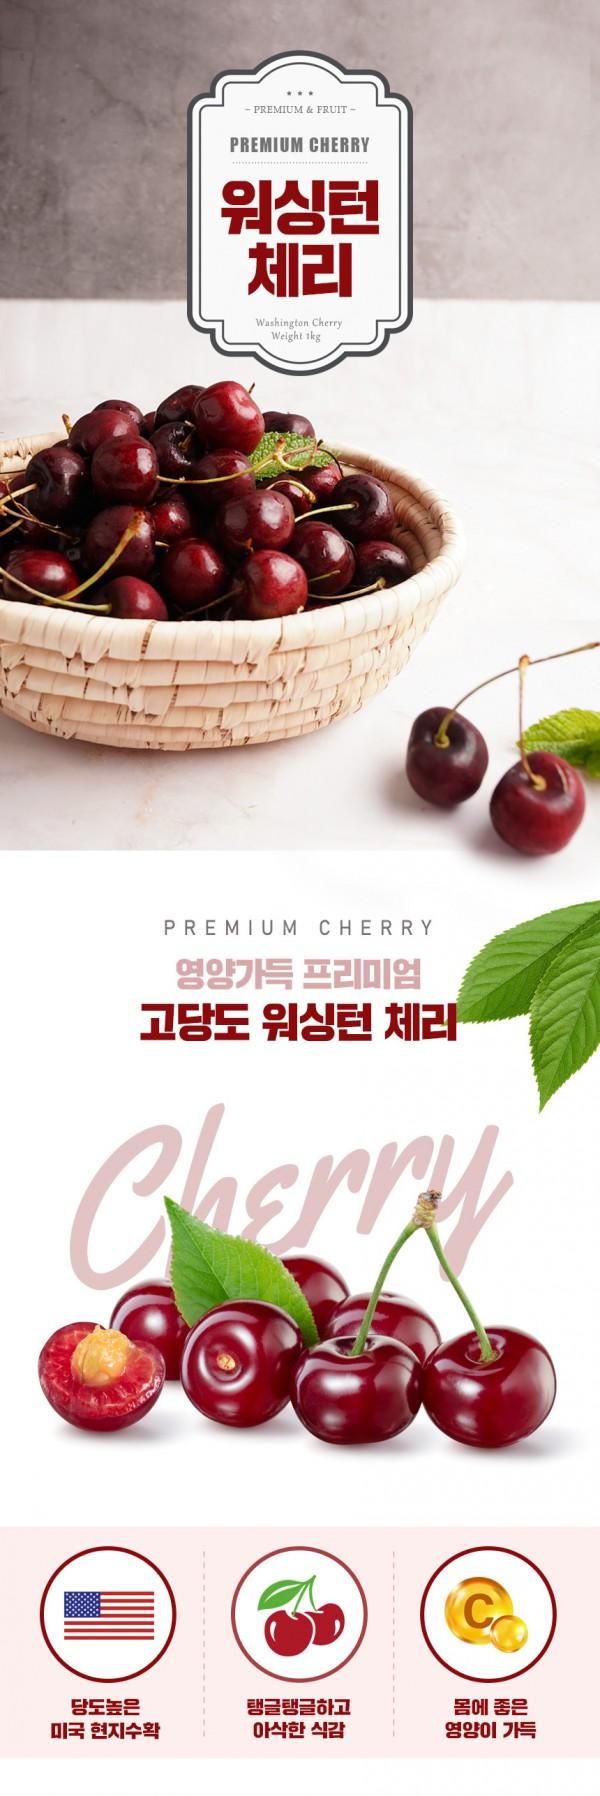 [T013]과일 바나나 상세페이지 + 제품촬영